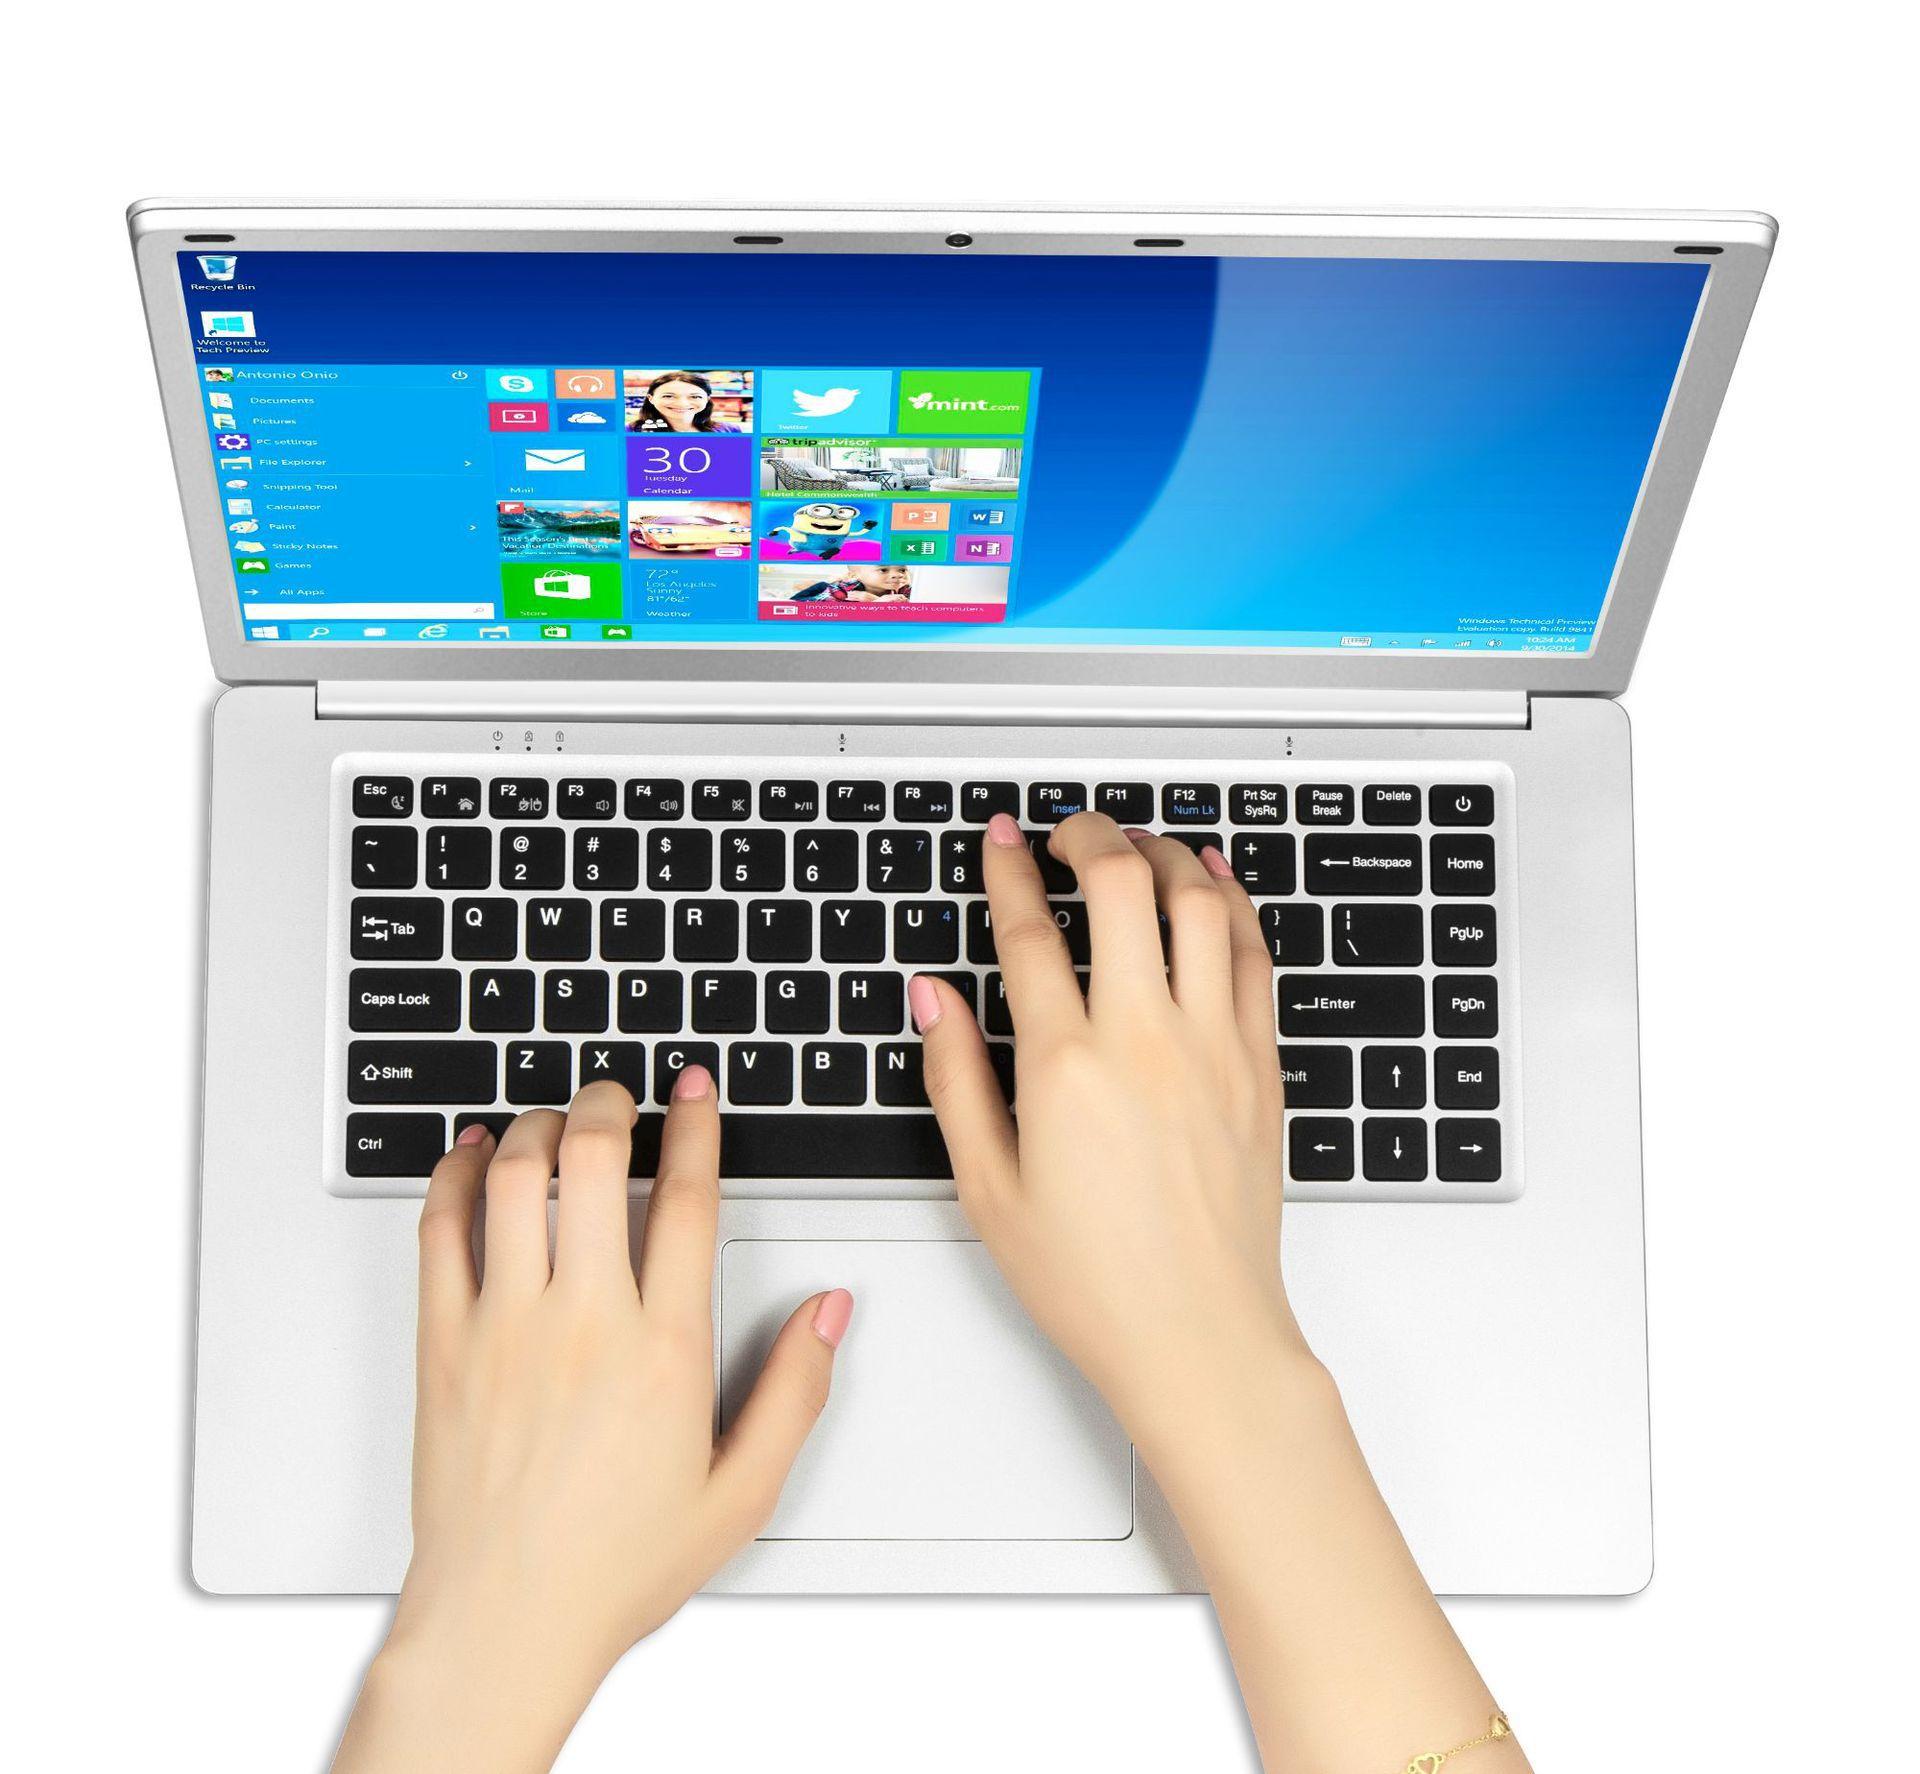 LANGTE Thị trường phụ kiện vi tính Nhà máy bán trực tiếp máy tính xách tay Internet văn phòng lõi tứ